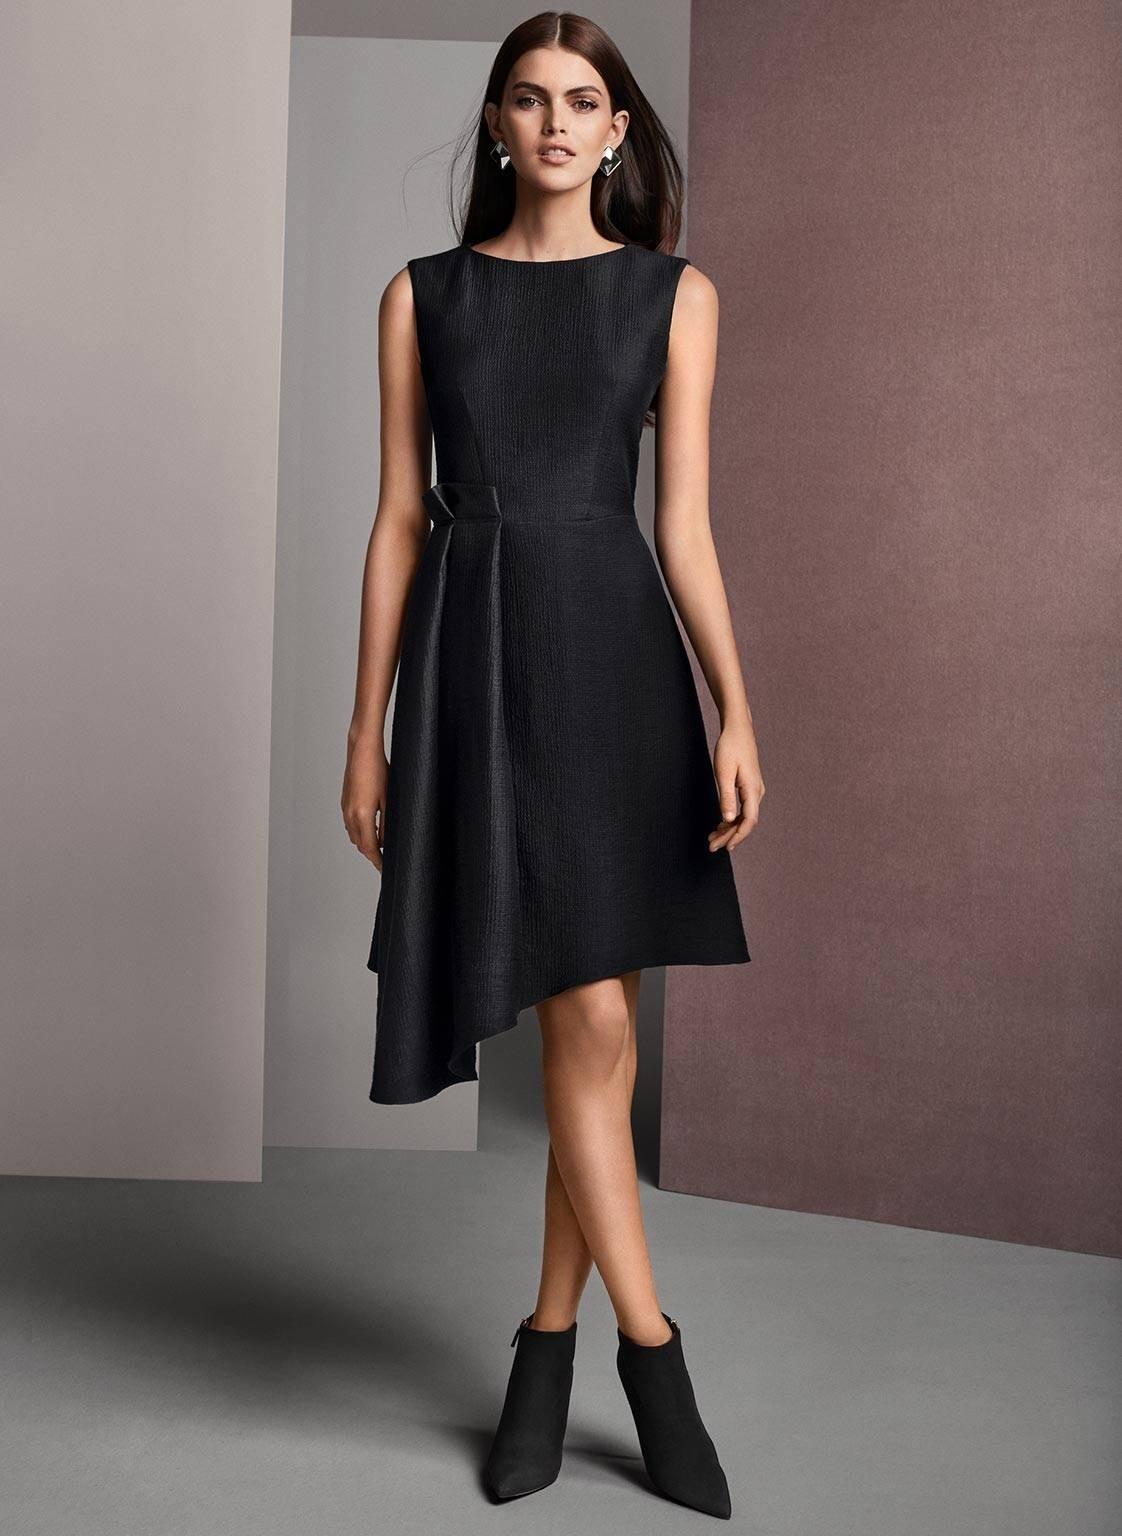 Schwarzes etuikleid knielang - Beliebte kurze kleider